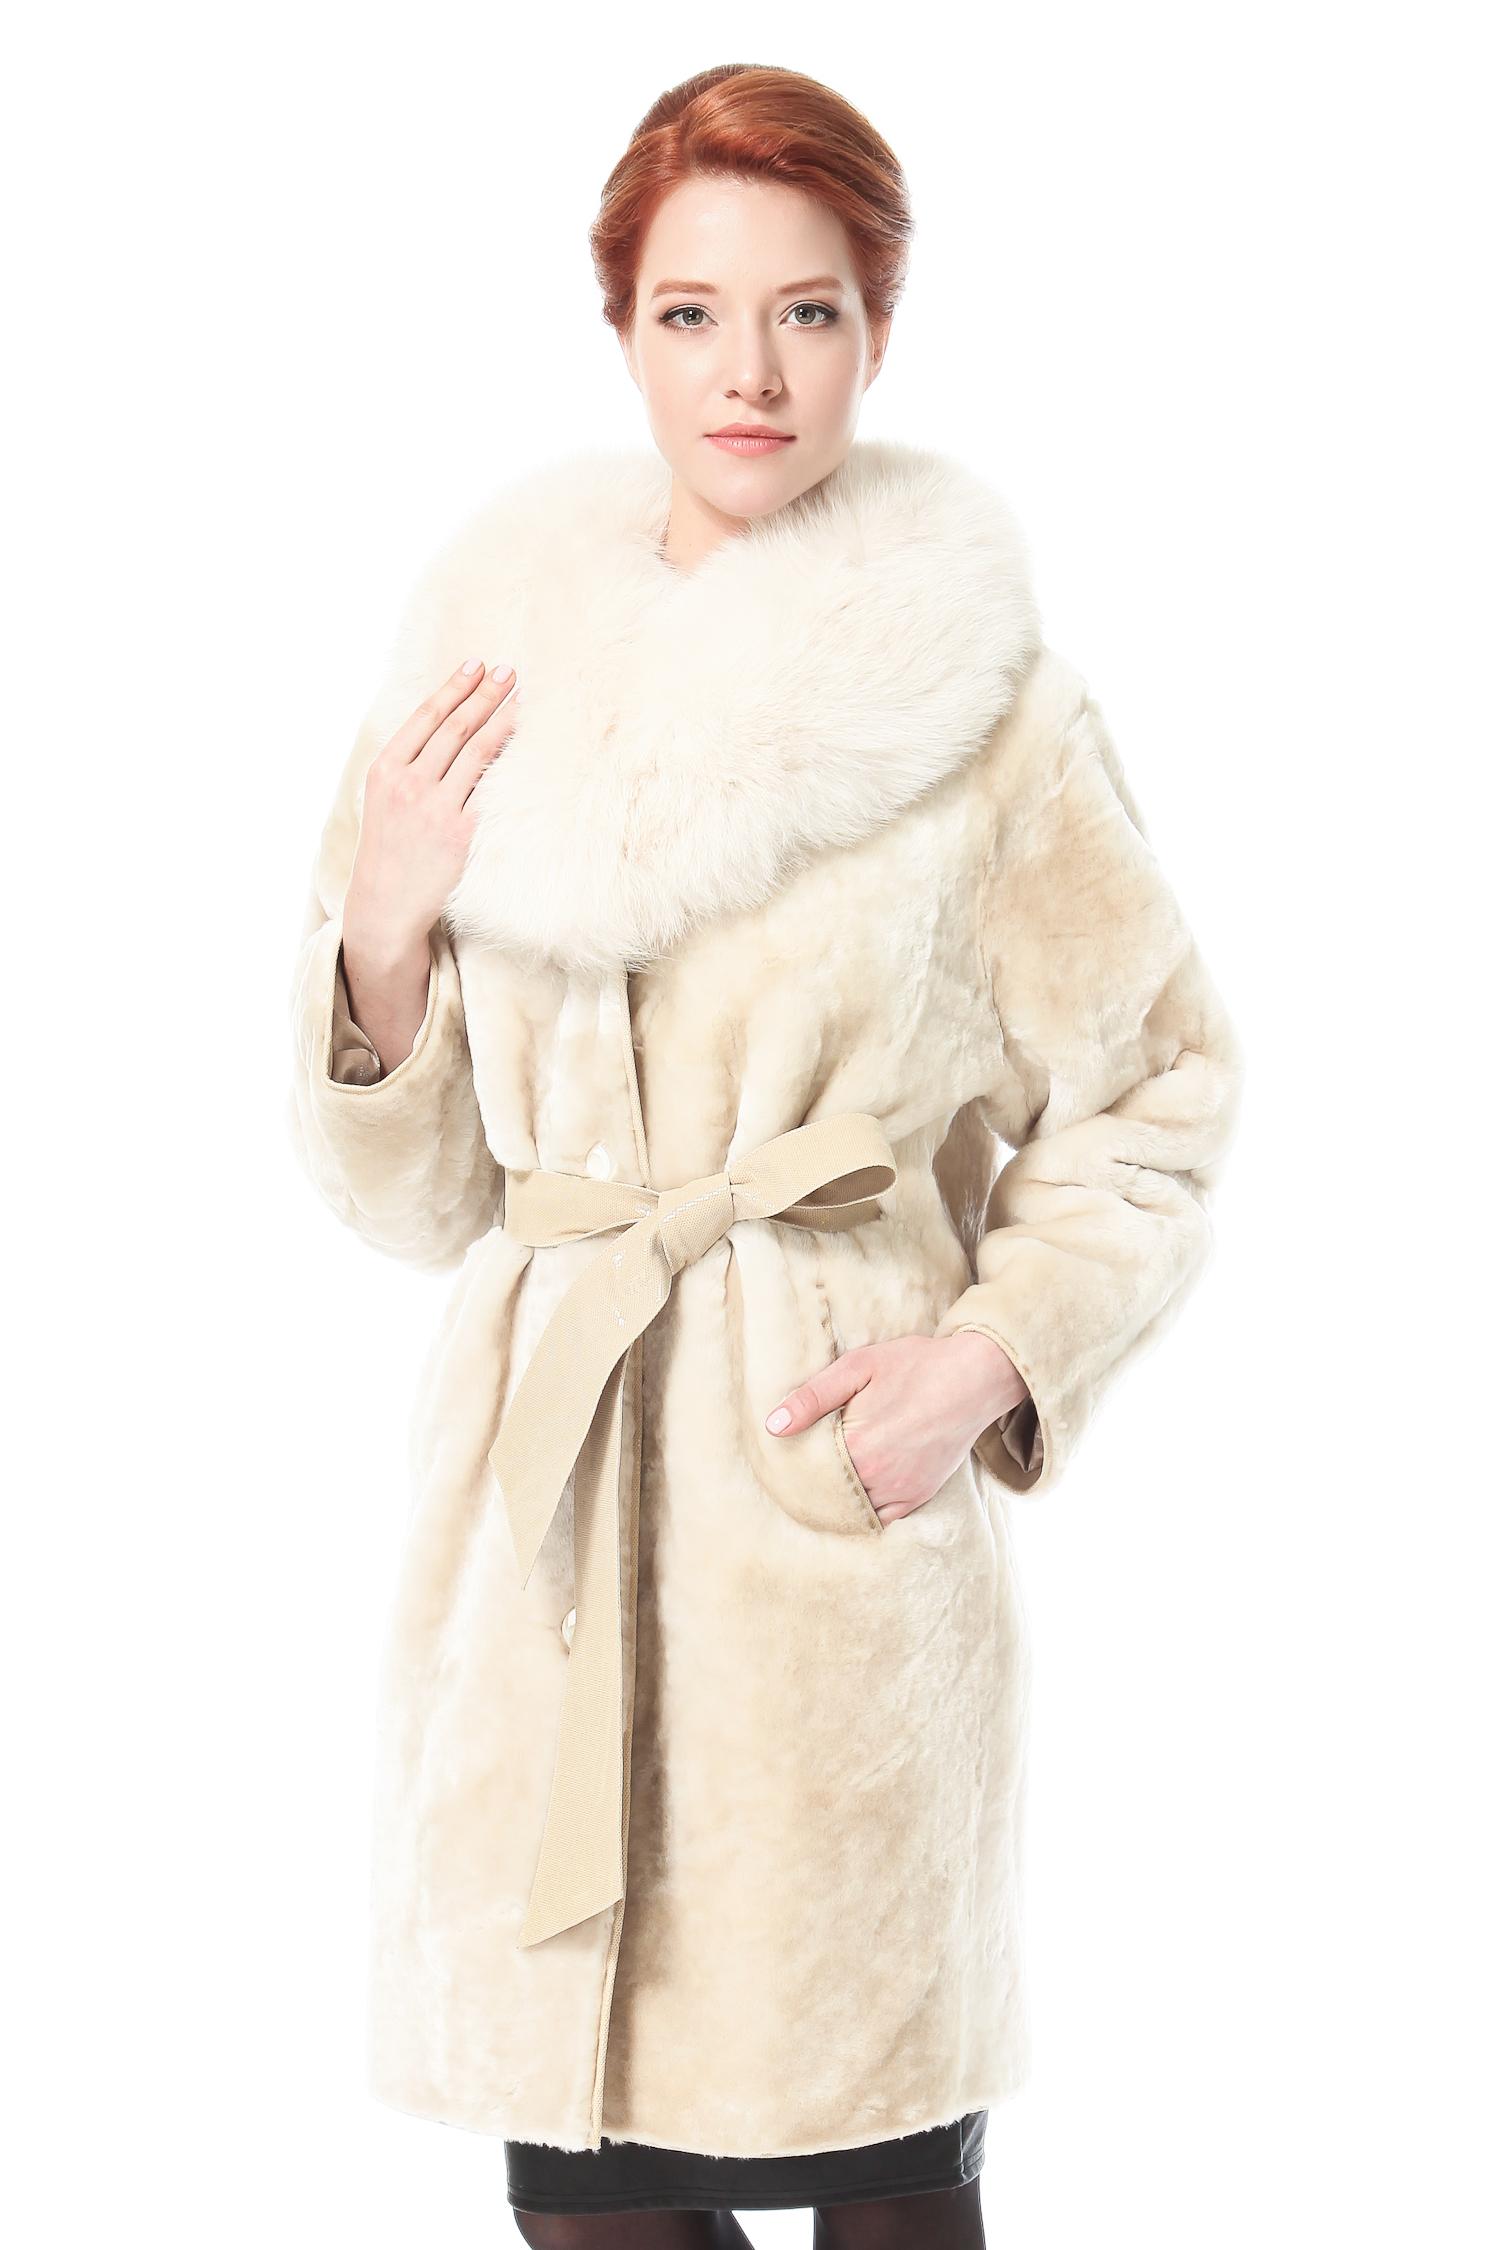 Шуба из мутона с воротником, отделка песецЦвет  сливочный.<br><br>Пальто изготовлено из высококачественного натурального сырья - мутон. Отделка выполнена из меха песца.<br><br>Неимоверно теплое и максимально комфортное меховое пальто является одним из ведущих трендов. Эта модель поможет почувствовать себя более привлекательной и элегантной даже в самый морозный день, укутавшись в большой, уютный песцовый воротник. Счастливым обладательницам пальто, благодаря легкому и романтичному цвету и выраженной фактуре мутона, удастся создать неповторимый образ женственности, кокетства и естественности.<br><br>Воротник: Оригинальный<br>Длина см: 95<br>Цвет: Бежевый<br>Вид застежки: Песец<br>Пол: Женский